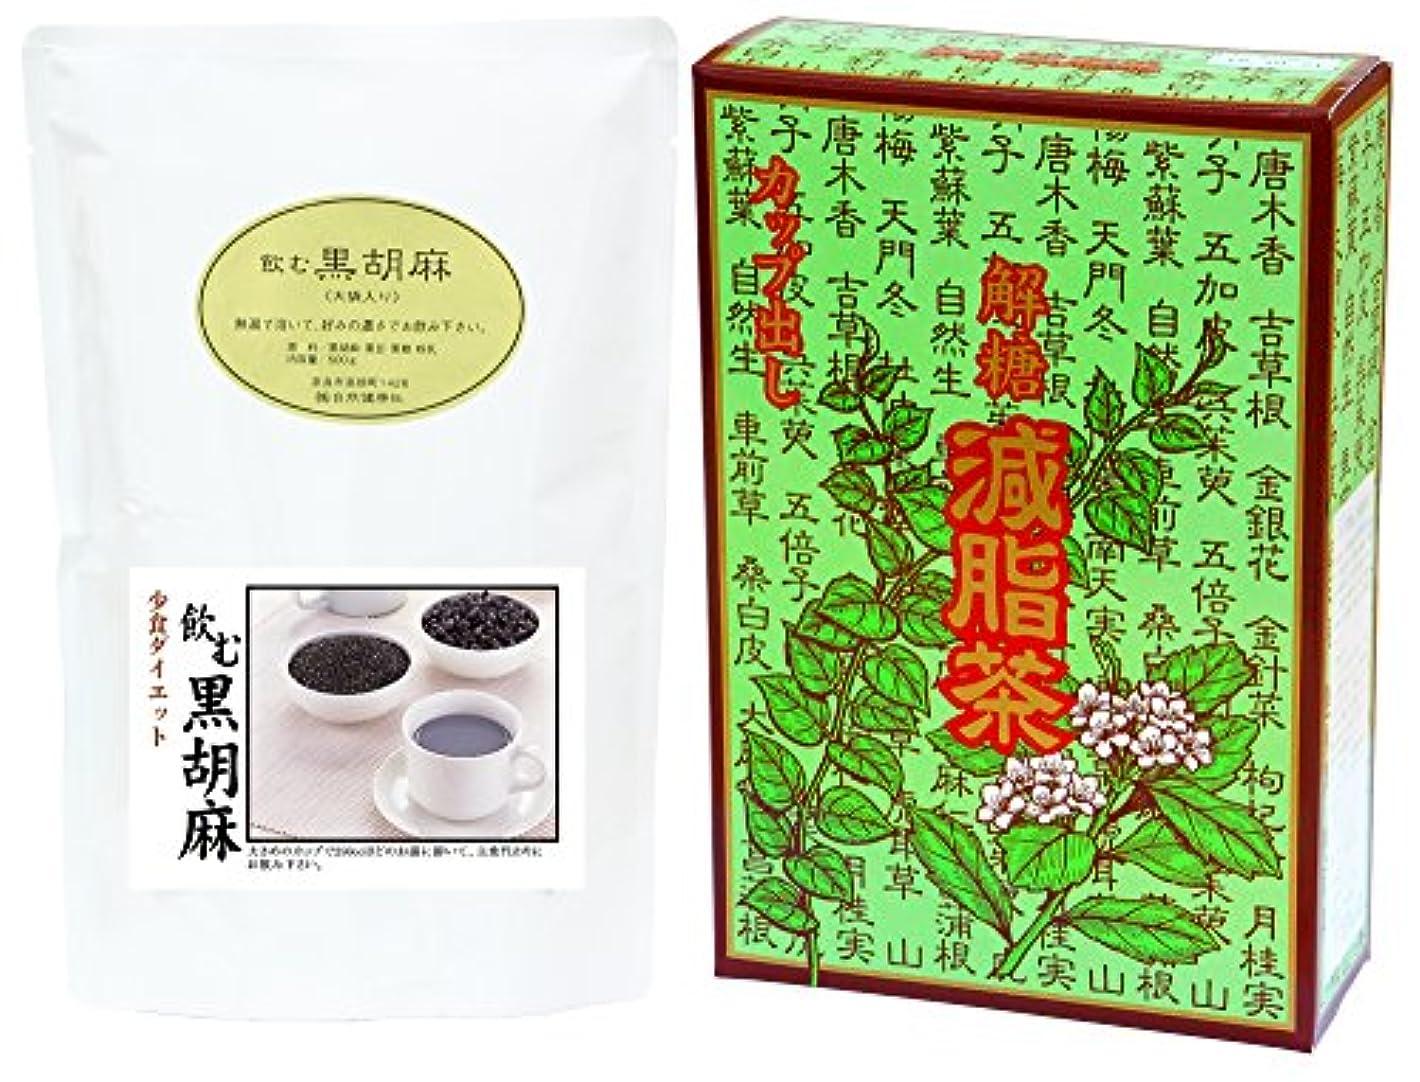 労働ボックスに対して自然健康社 飲む黒胡麻?大袋 500g + 減脂茶?箱 64パック